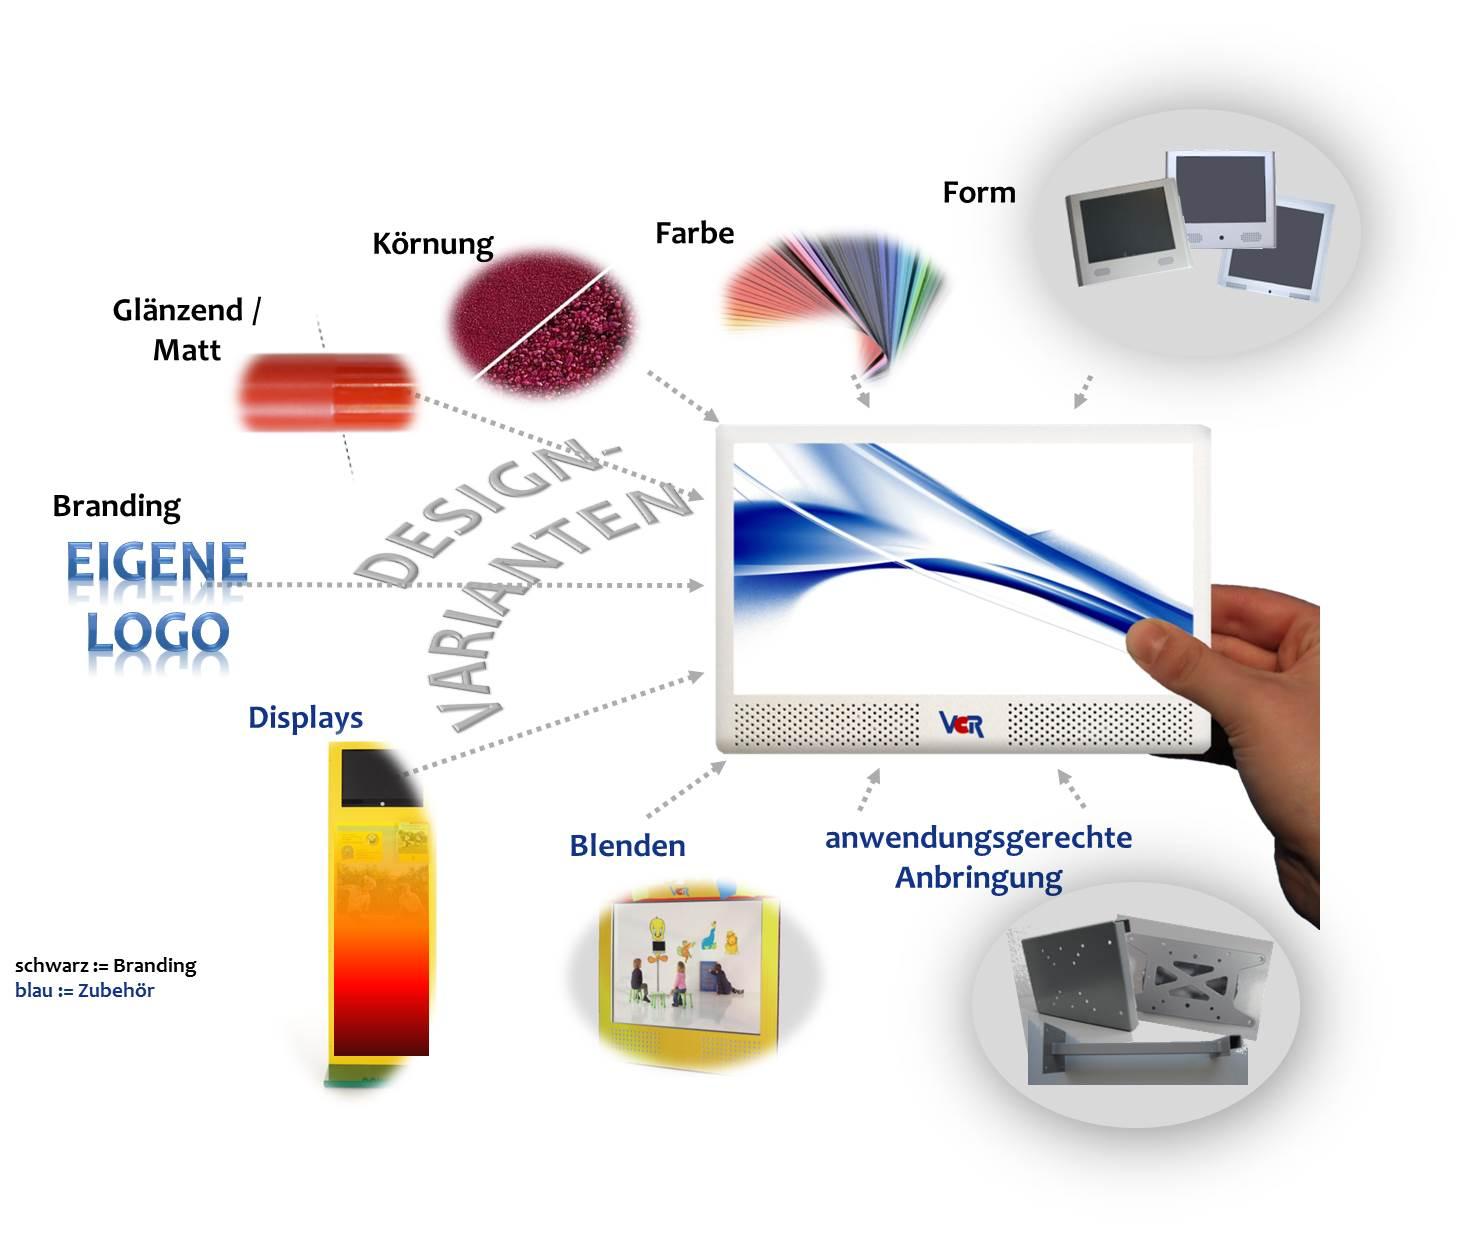 VCR POS-Mediamonitore - Standalone oder als Digital Signage-Lösungen - in zahlreichen Design-Varianten für Form, Farbe, Körnung, Oberfläche, Branding, Displays, Blenden, Halterung